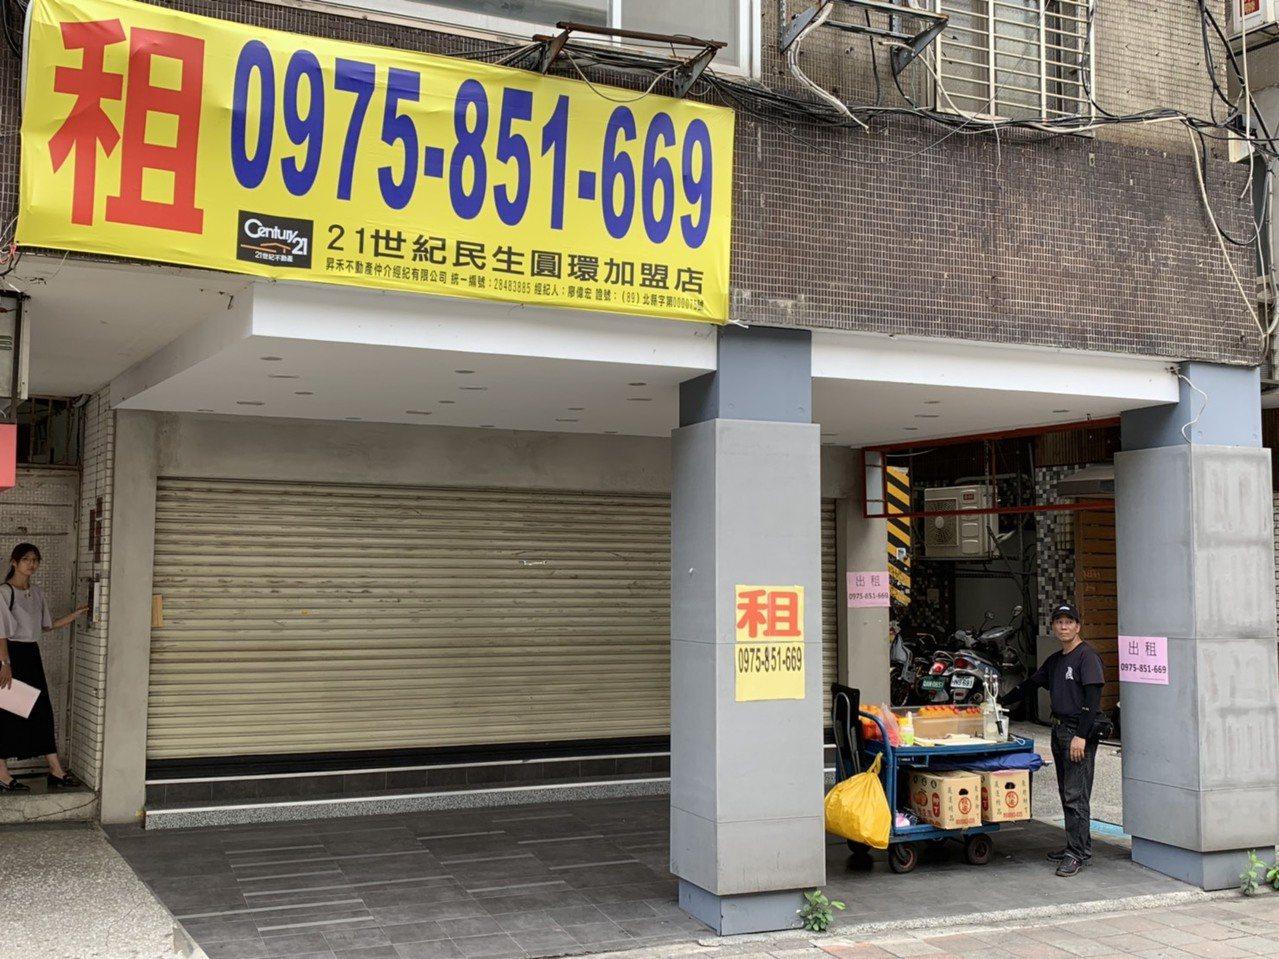 同心圓紅豆餅10月起將搬遷至離原址不遠的新店面。(圖/黃健誠攝)